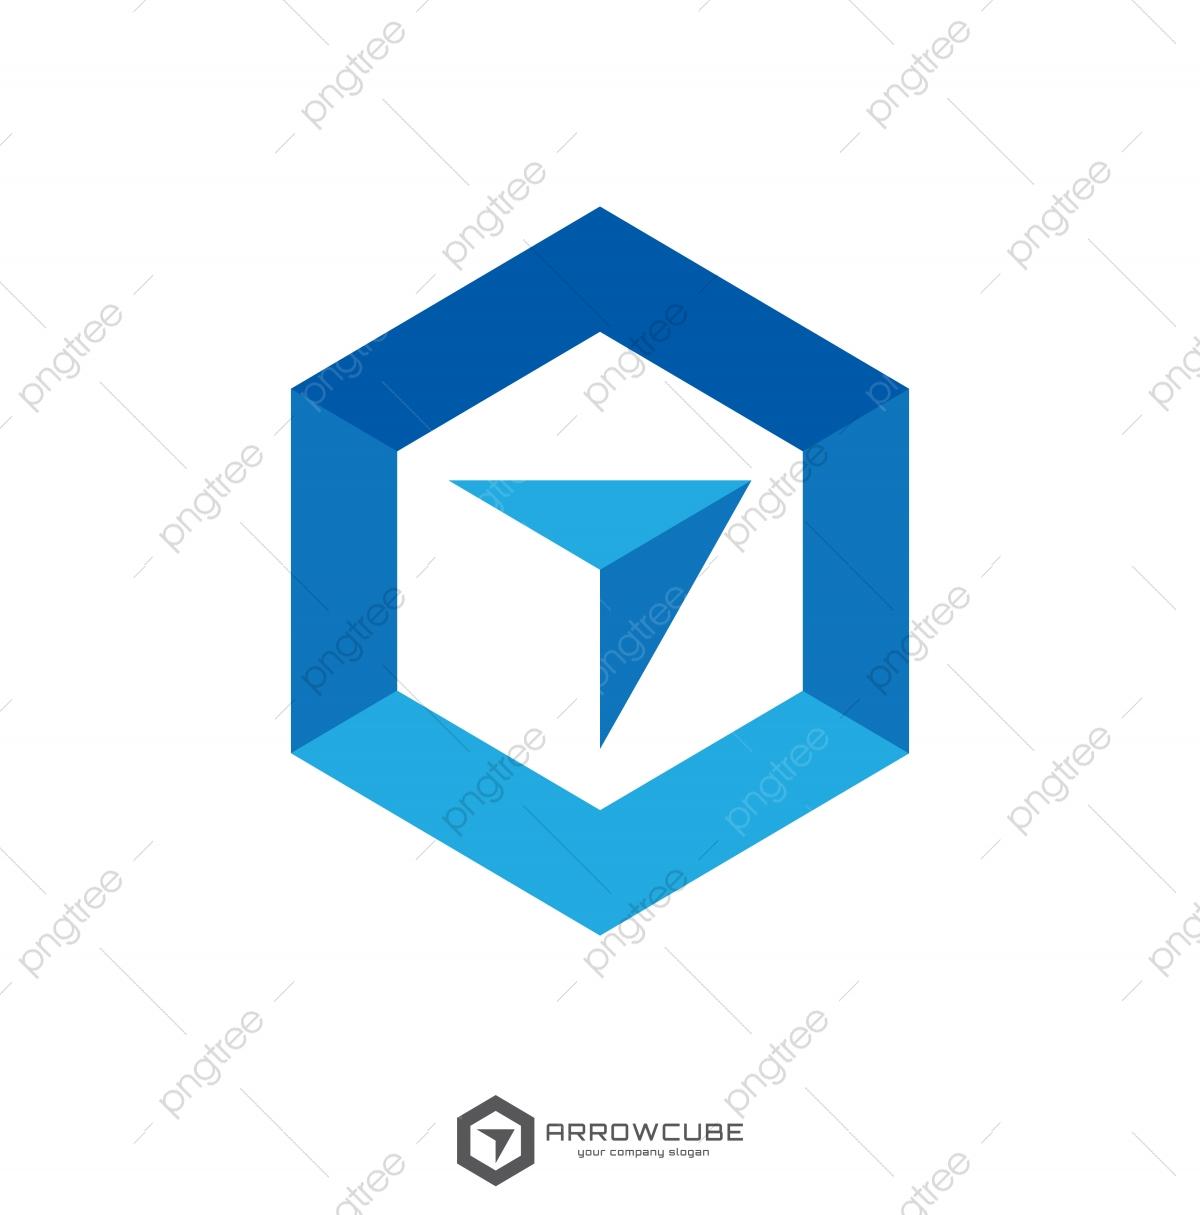 Hexagon Forward Box Arrow Abstract Polygon Logo Template.